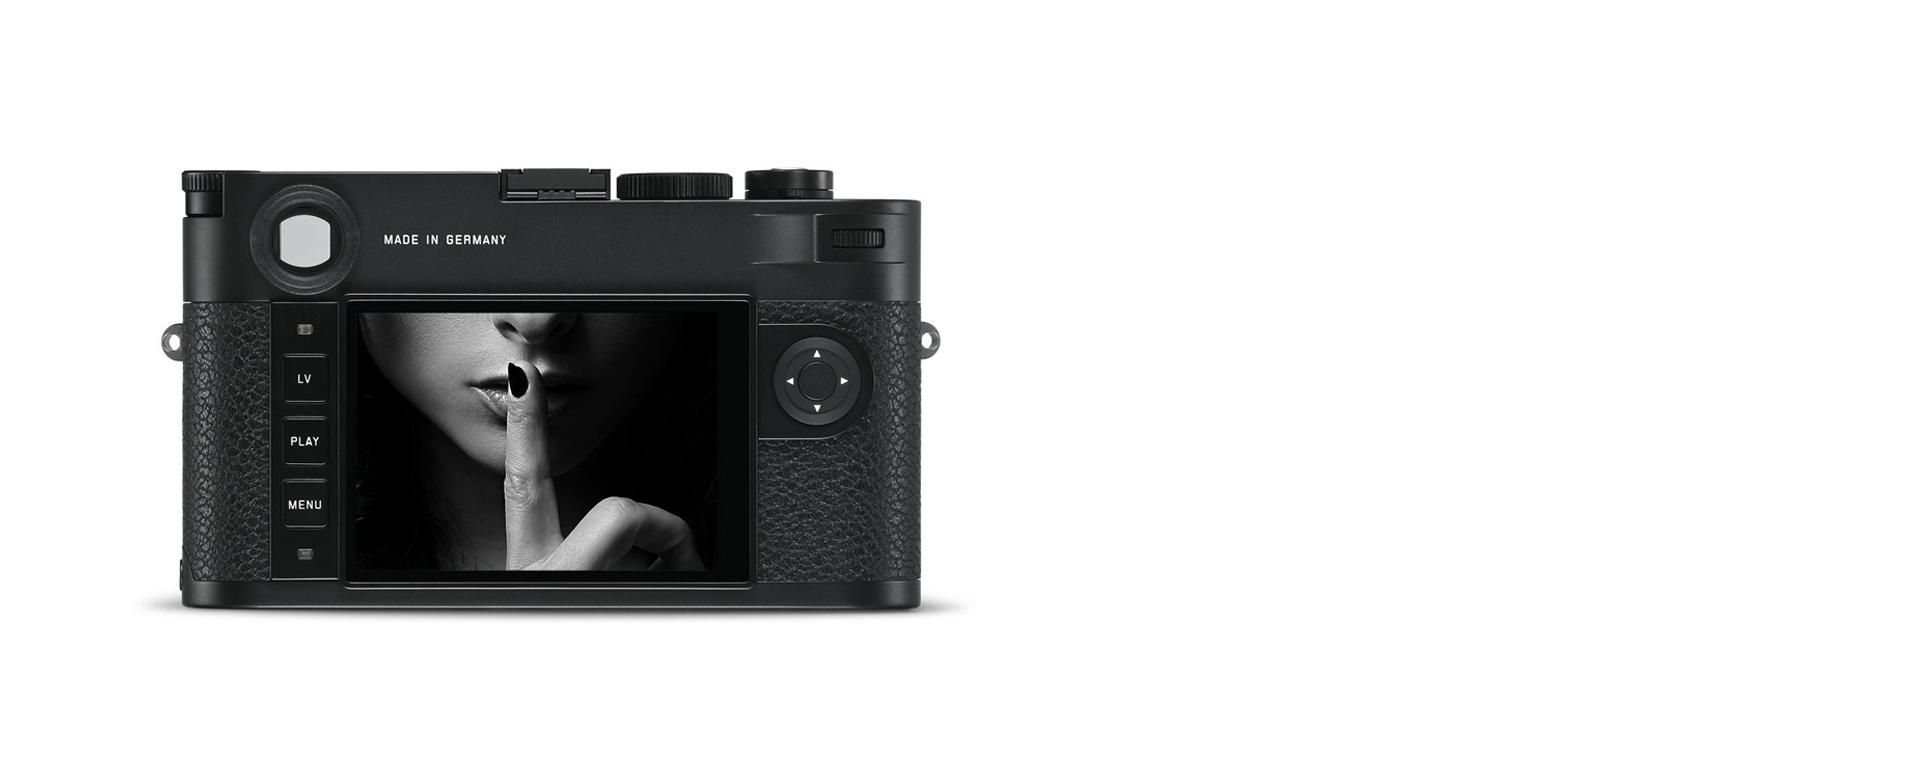 Neu Die Leica M10 P Graphicart Ag